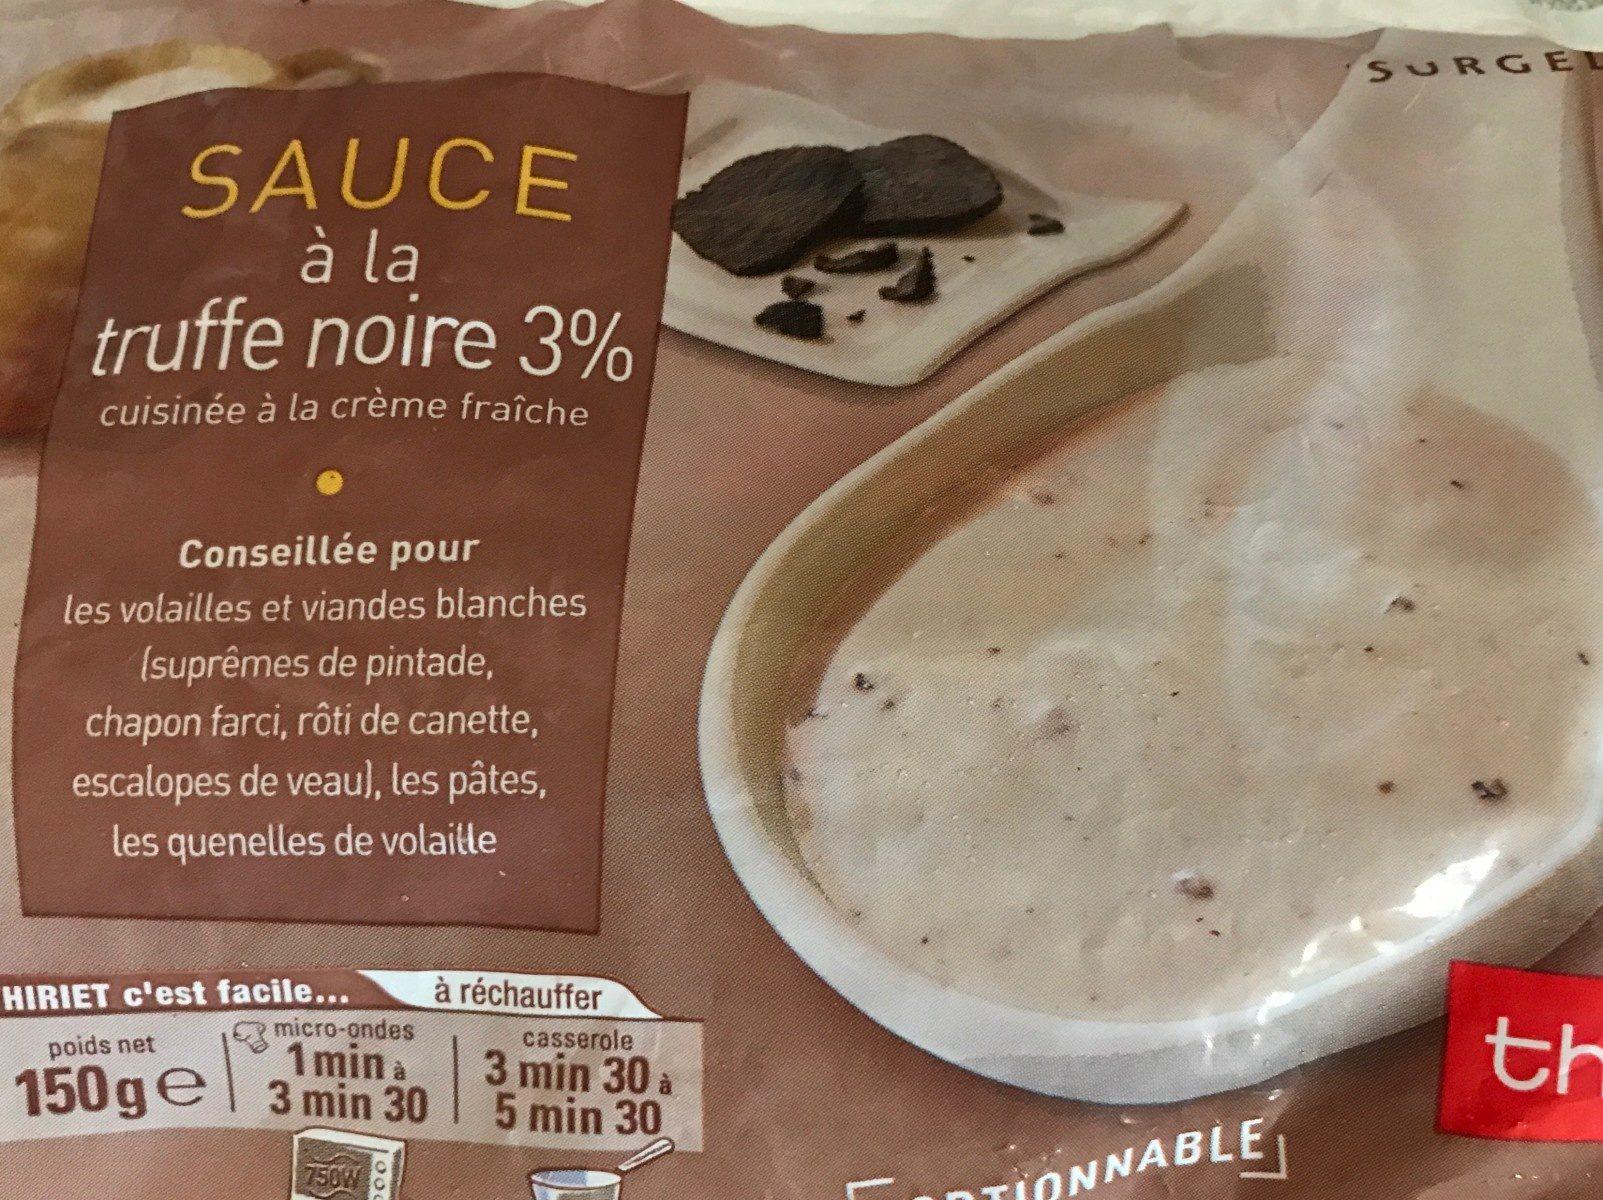 Sauce à la Truffe Noire 3% - Produit